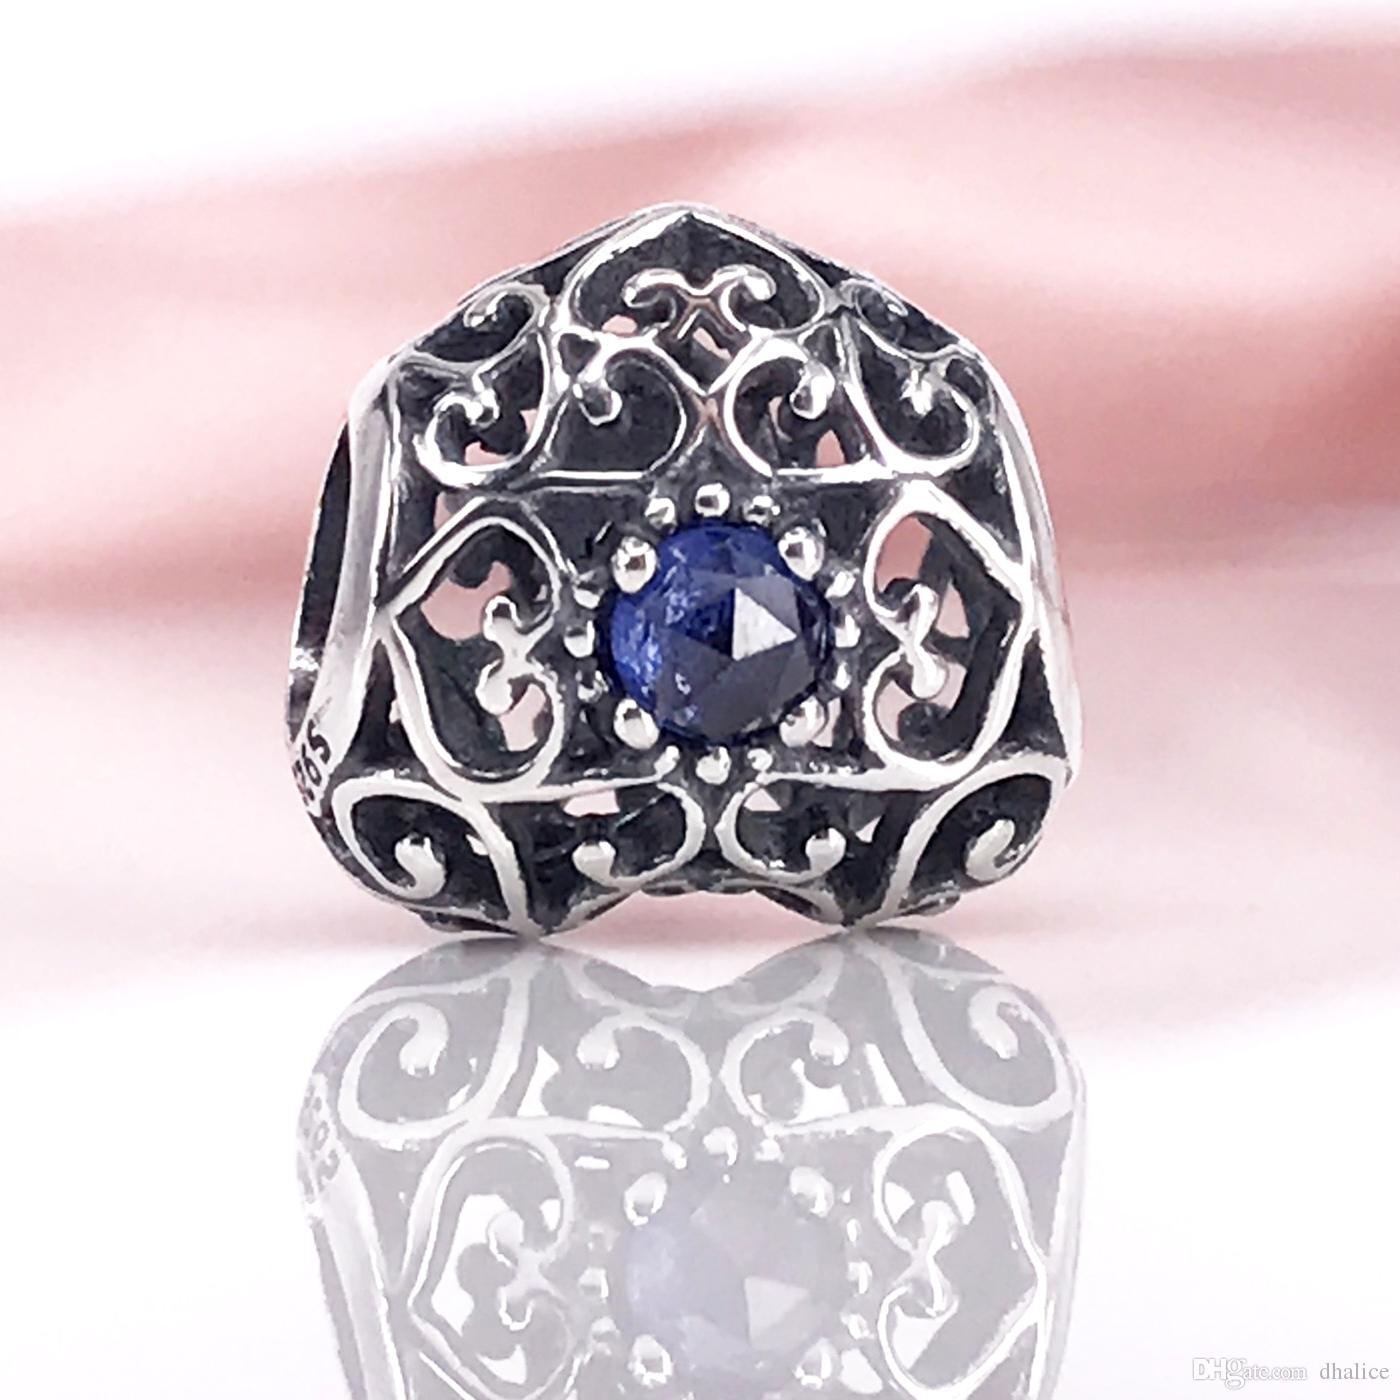 Autentico cuore in argento sterling 925 settembre, zaffiro sintetico adatto braccialetto Pandora fai da te e collana 791784SSA